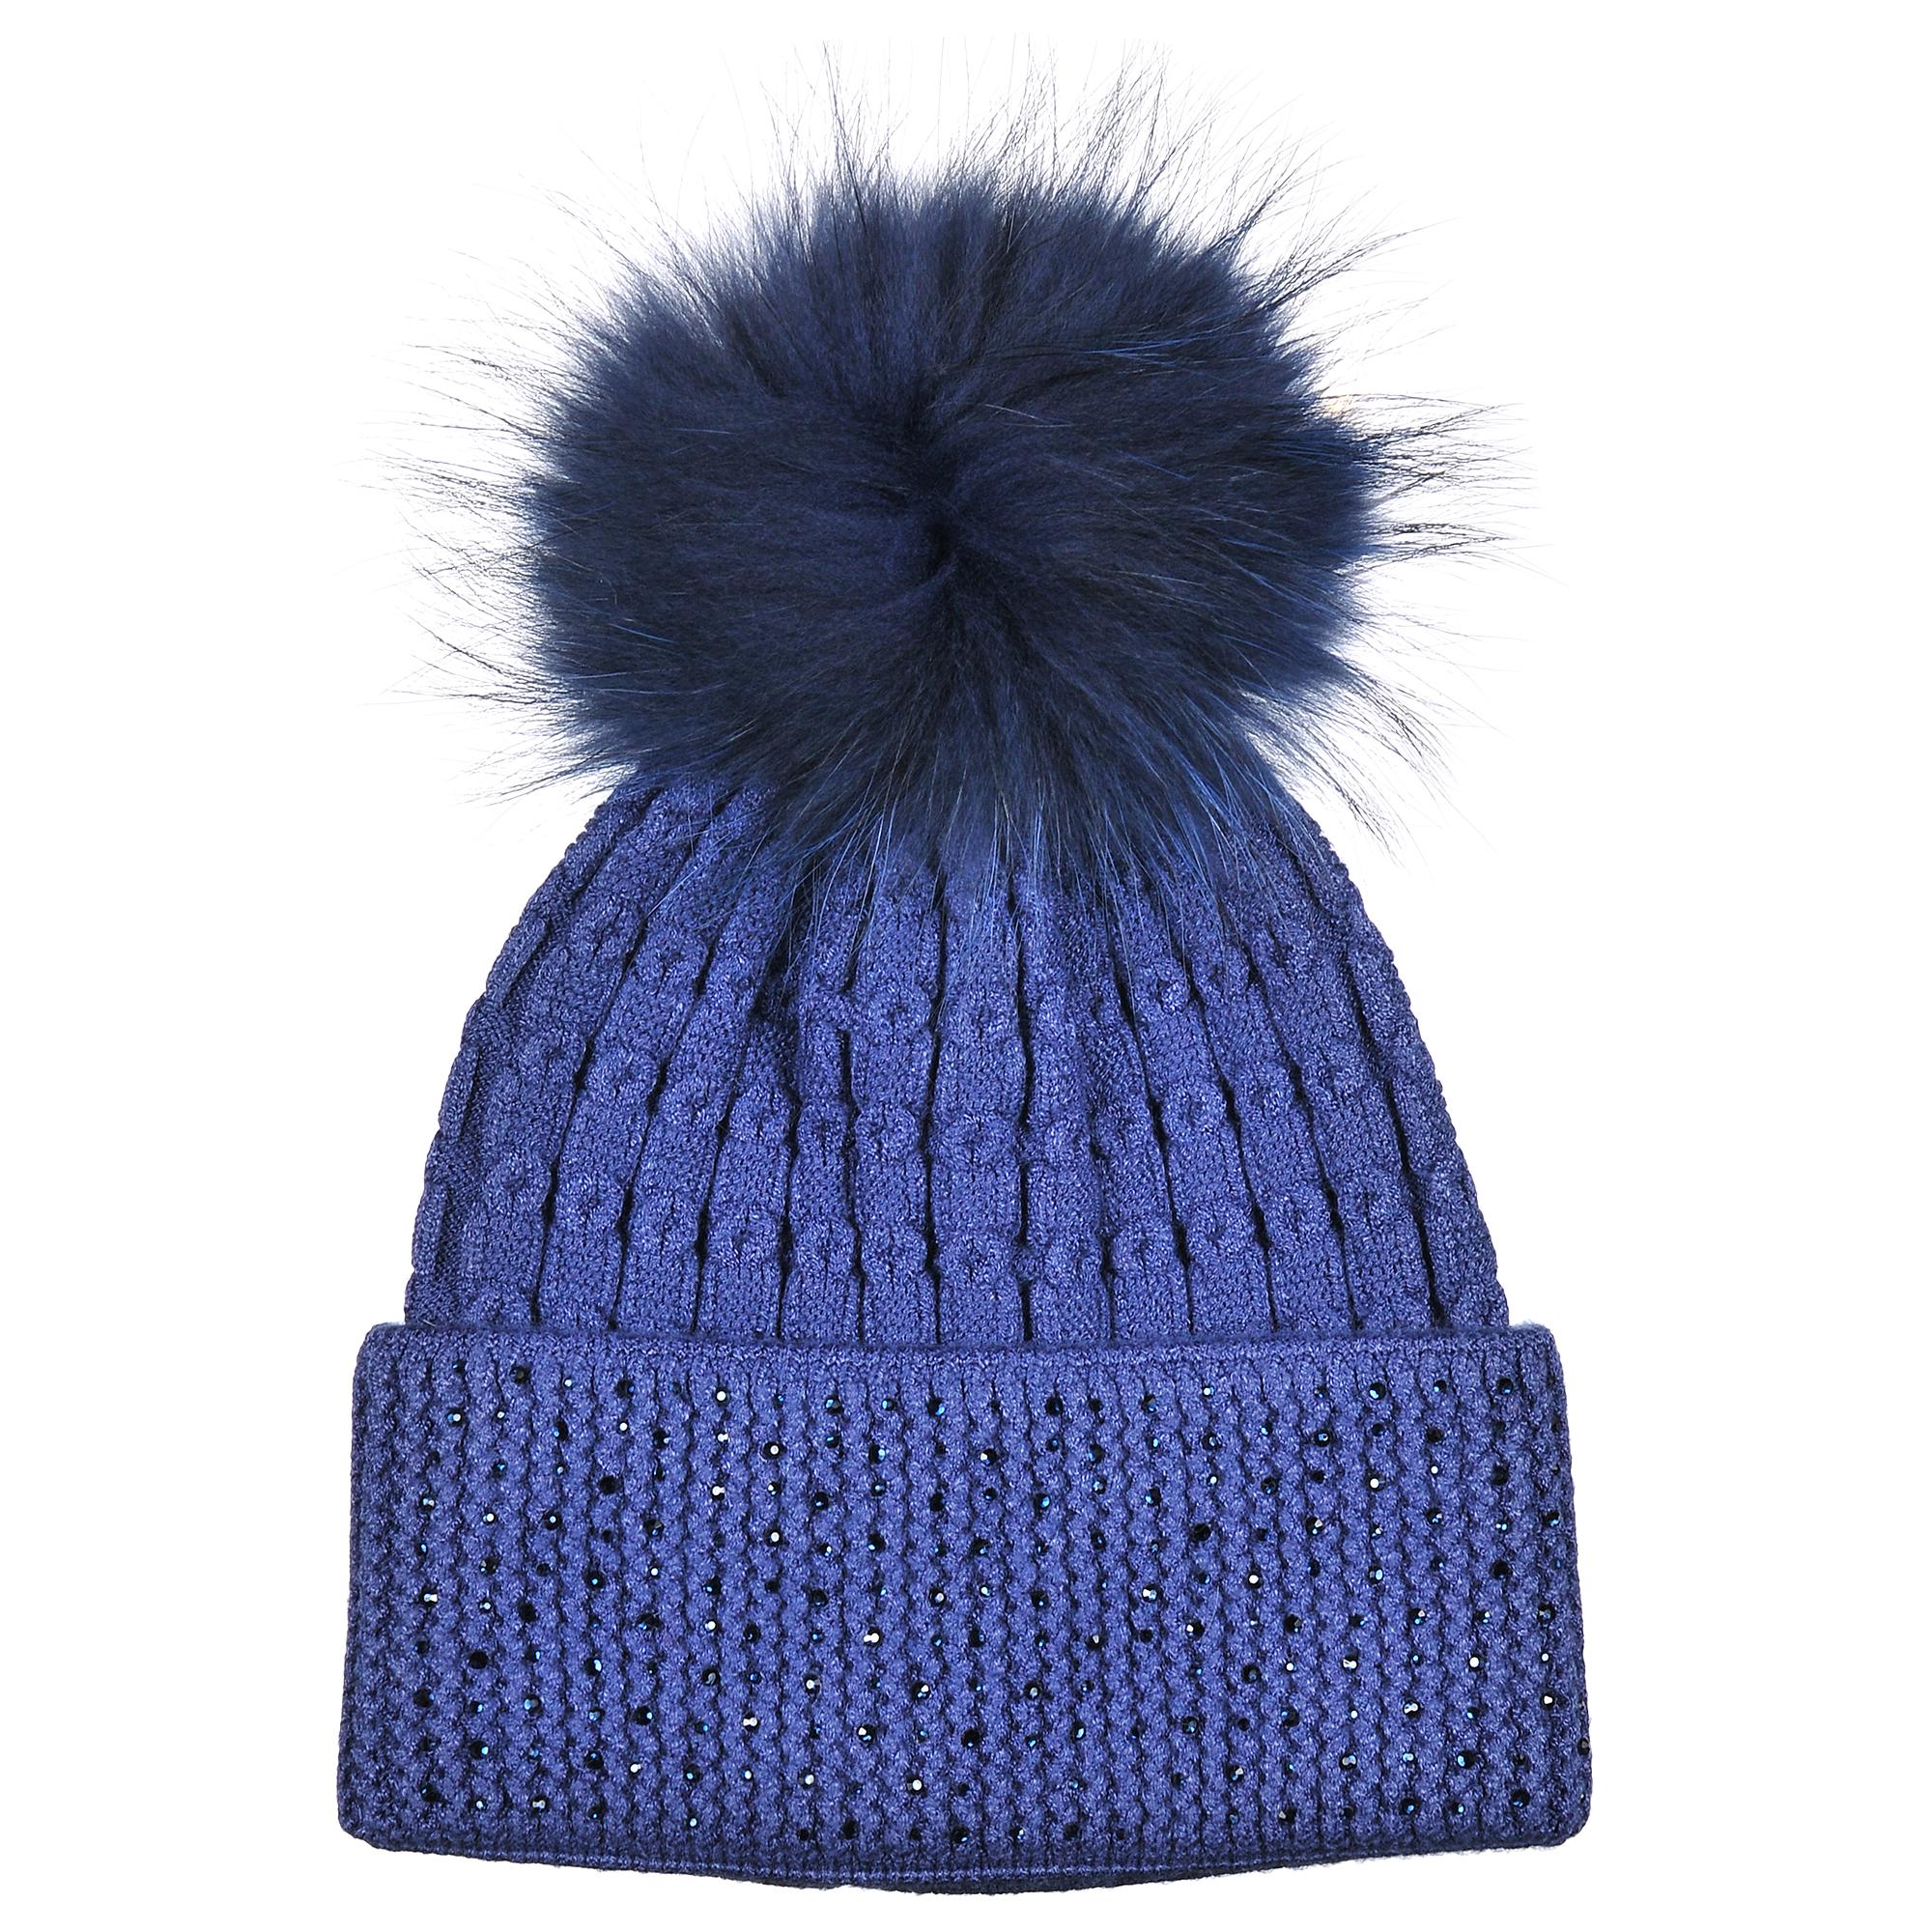 4-0050-001Модная теплая однослойная шапка из шерсти с помпоном из натурального меха. Отворот декорирован стразами. Отличный аксессуар защитит в непогоду и подарит ощущение теплоты.